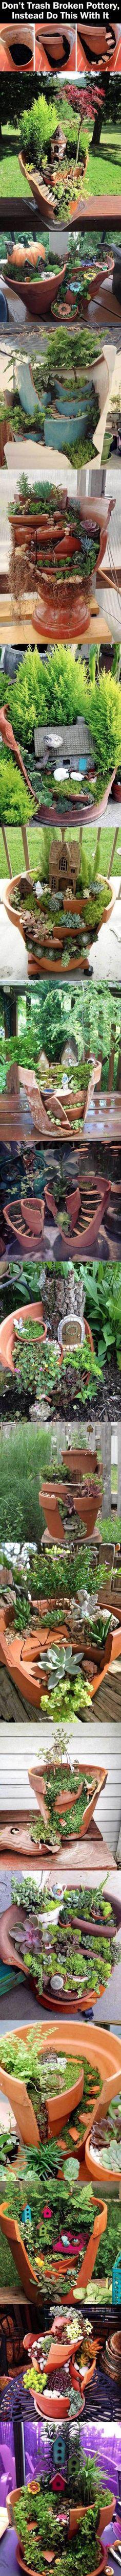 Ideias lindíssimas para enfeitar a casa ou jardim.